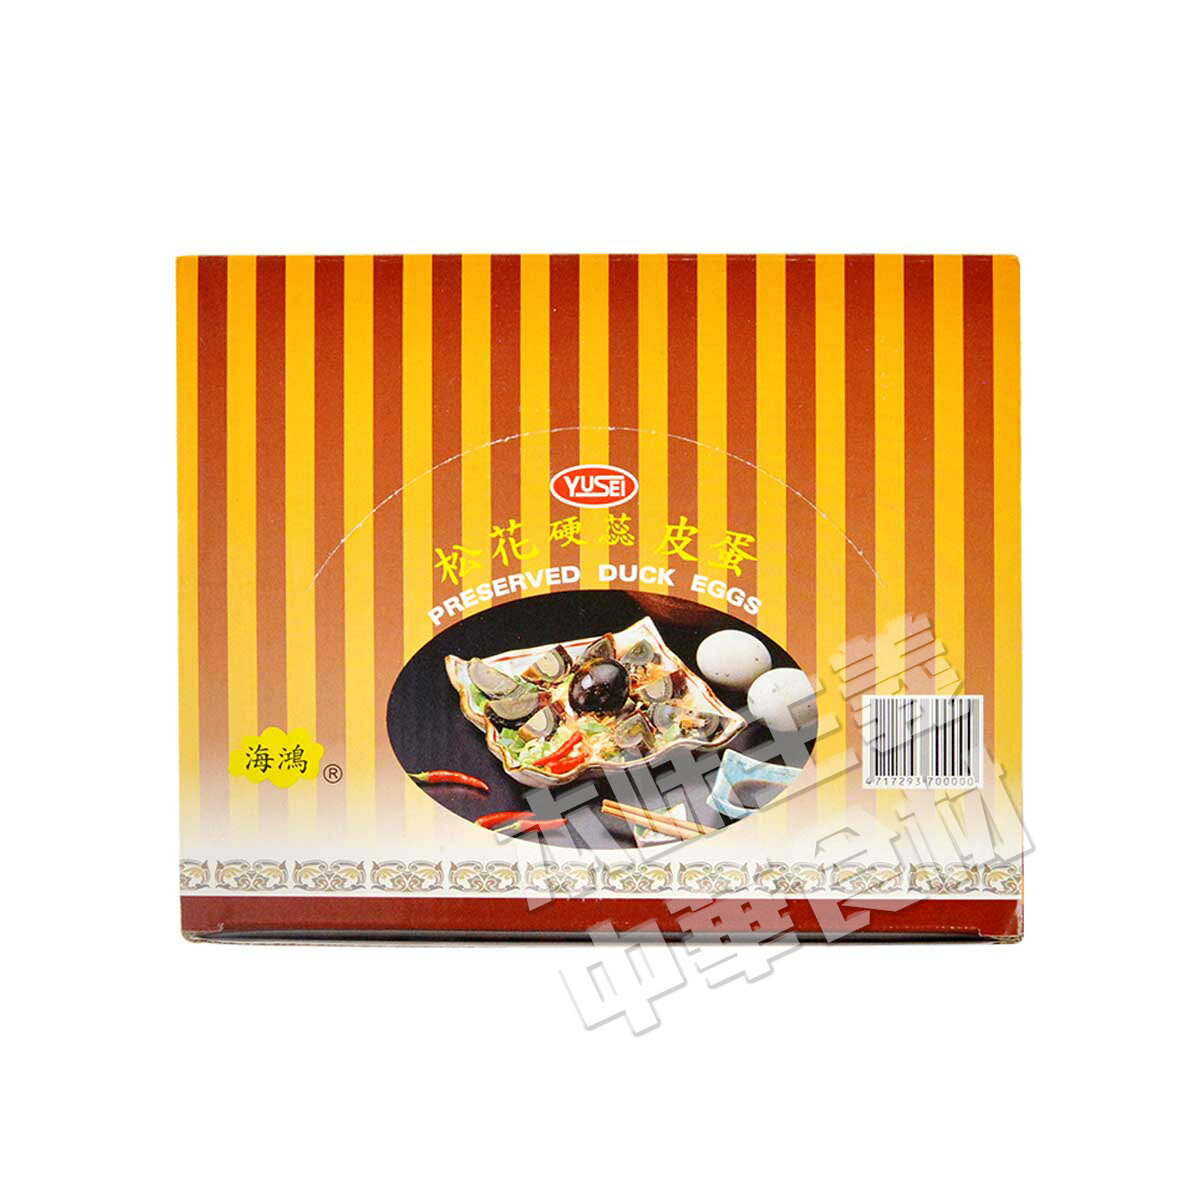 友盛海鴻牌台湾松花硬芯皮蛋(ピータン) 中華食材調味料・中華料理人気商品・台湾風味名物